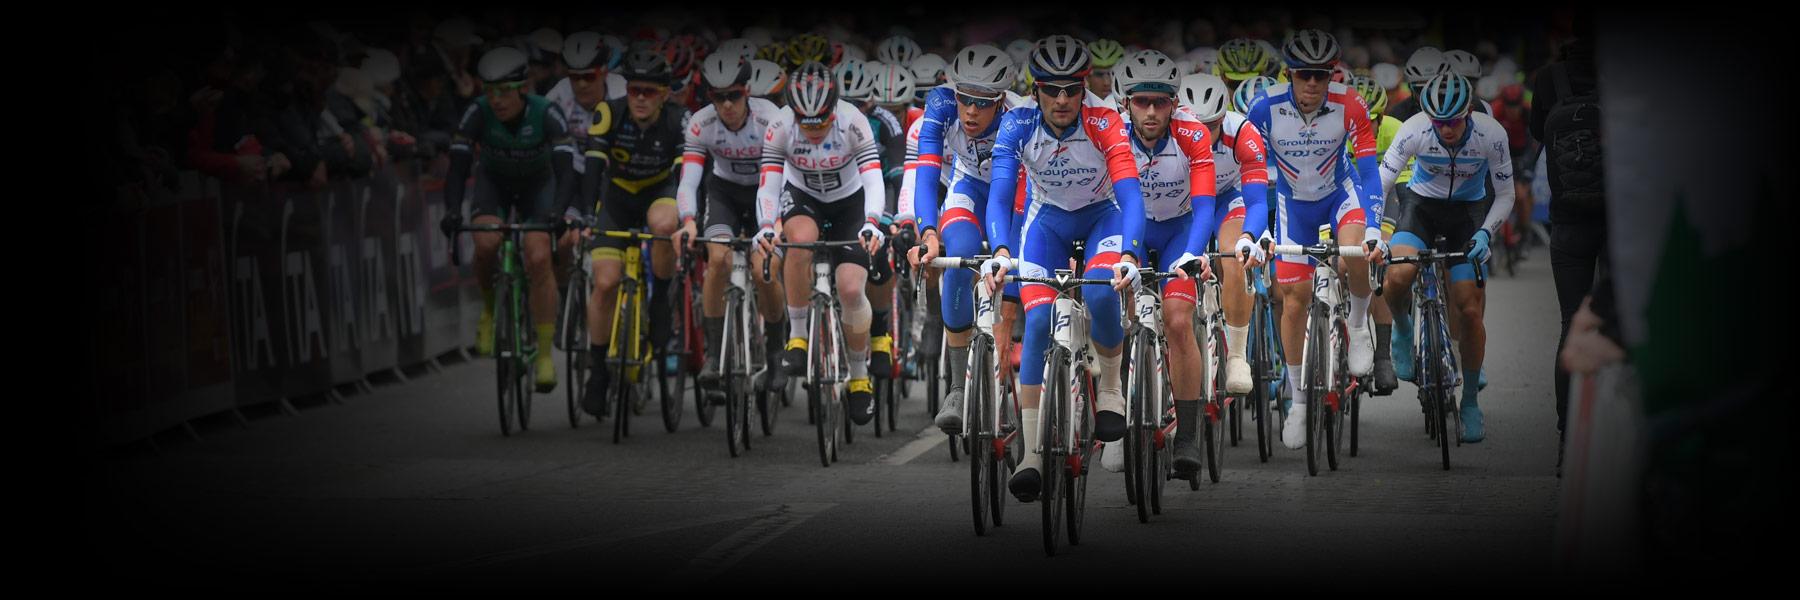 Calendrier Course Cycliste Professionnel 2020.Route Adelie De Vitre Course Cycliste Coupe De France De